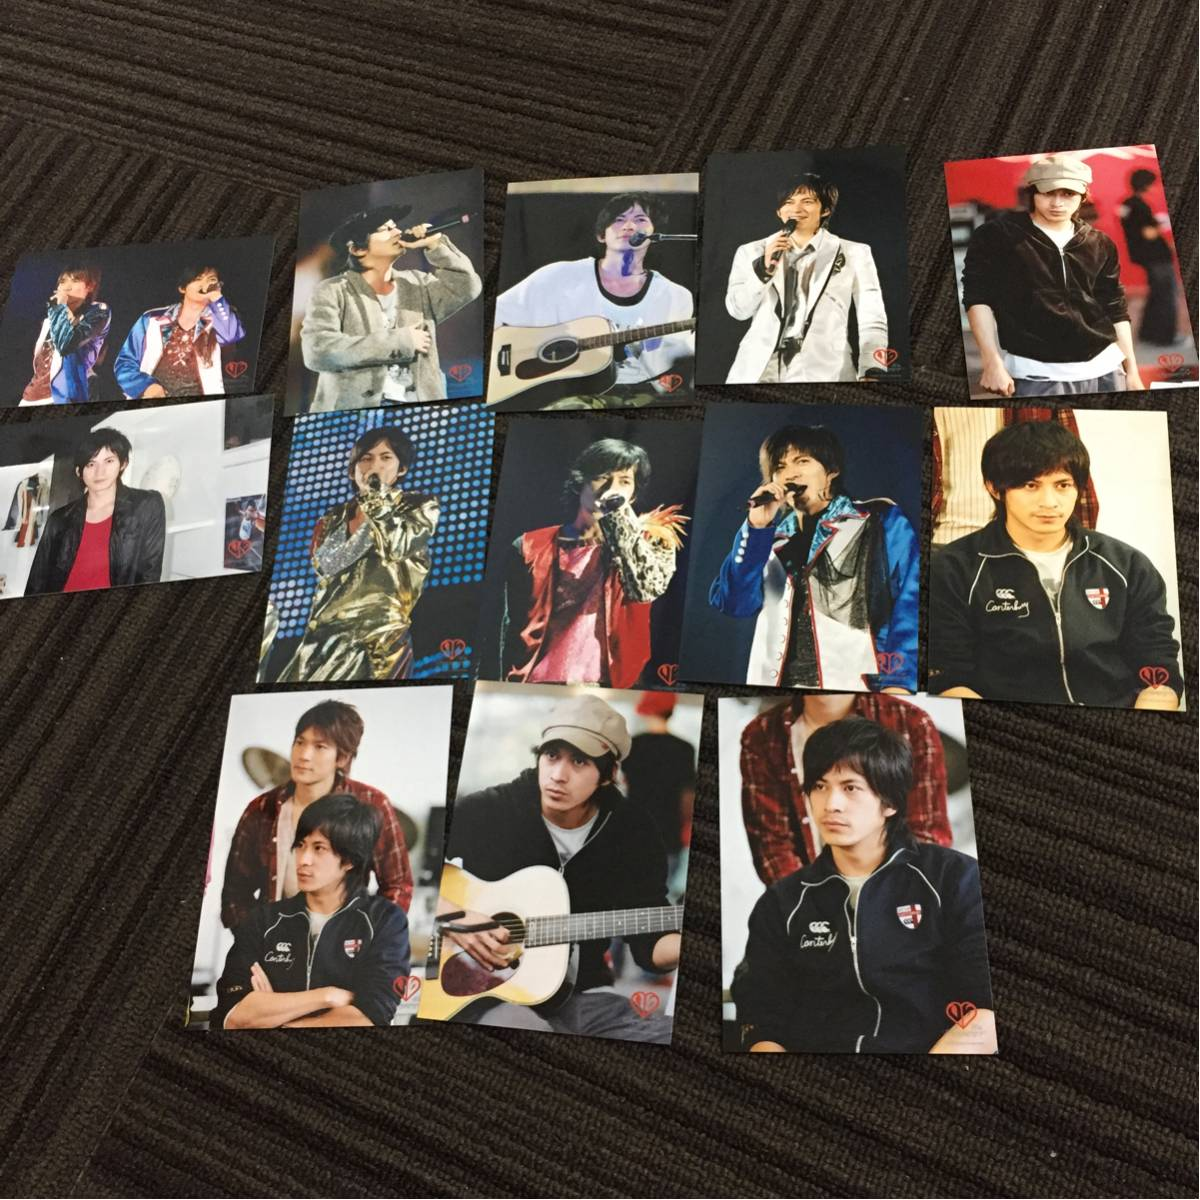 V6岡田 写真13枚 コンサートグッズの画像